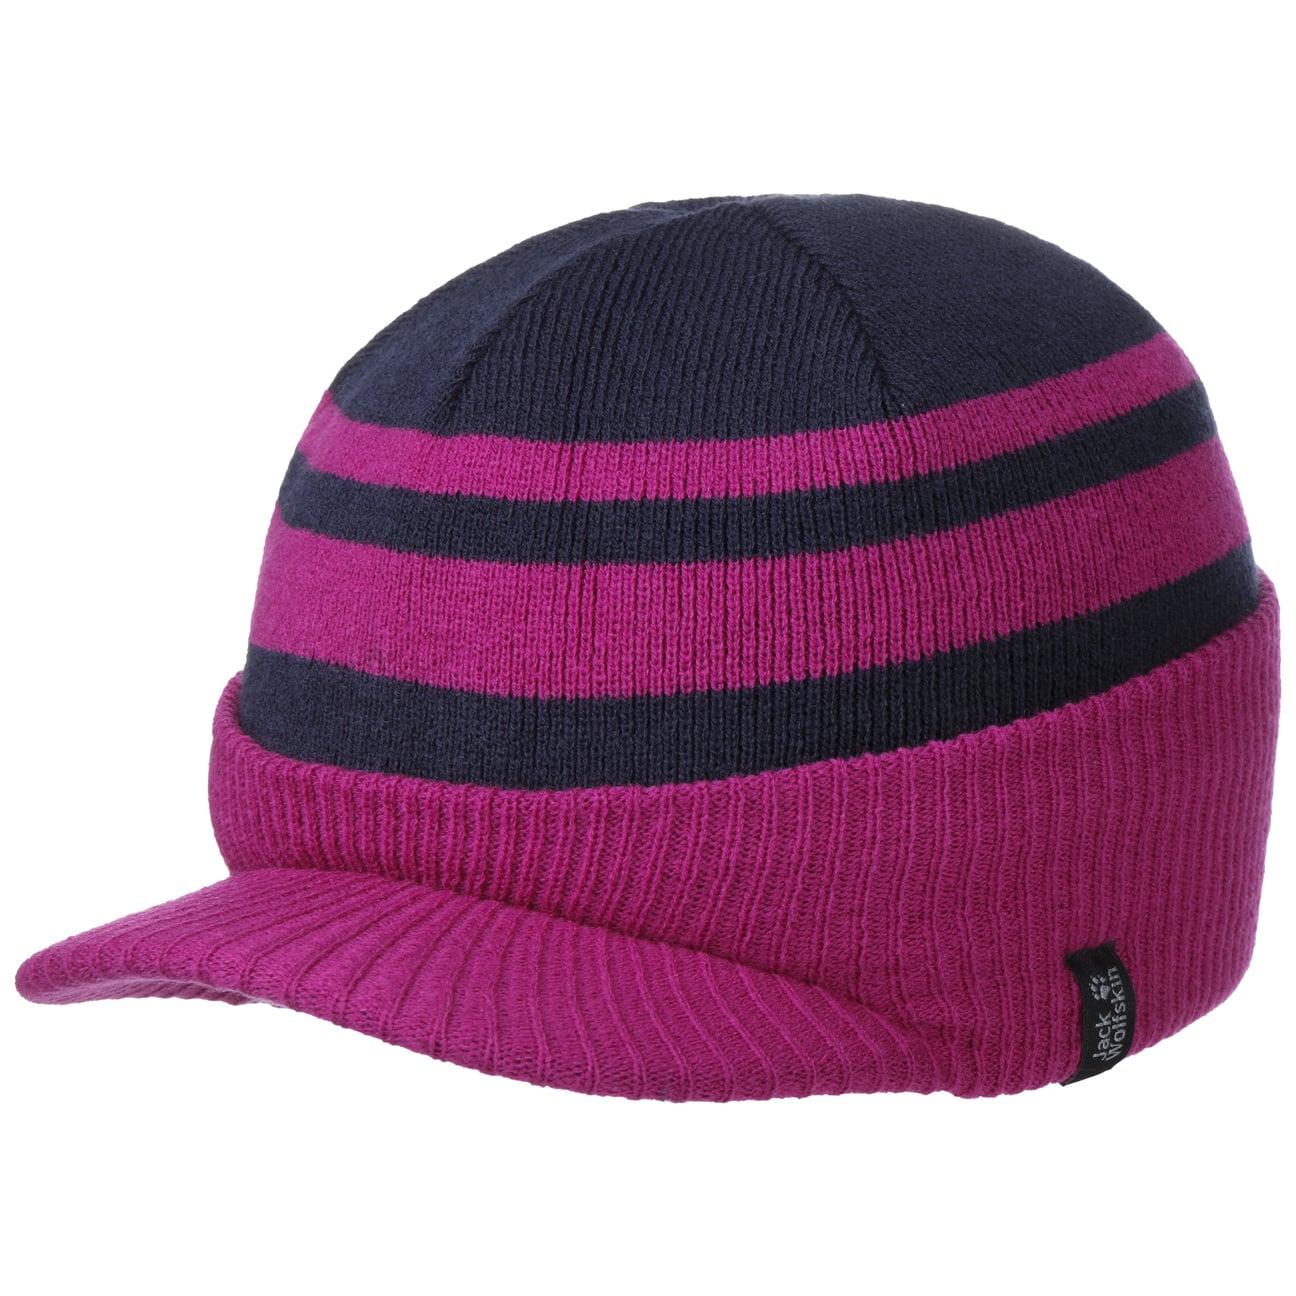 Bonnet pour Enfant Stormlock by Jack Wolfskin  bonnet pour l`hiver